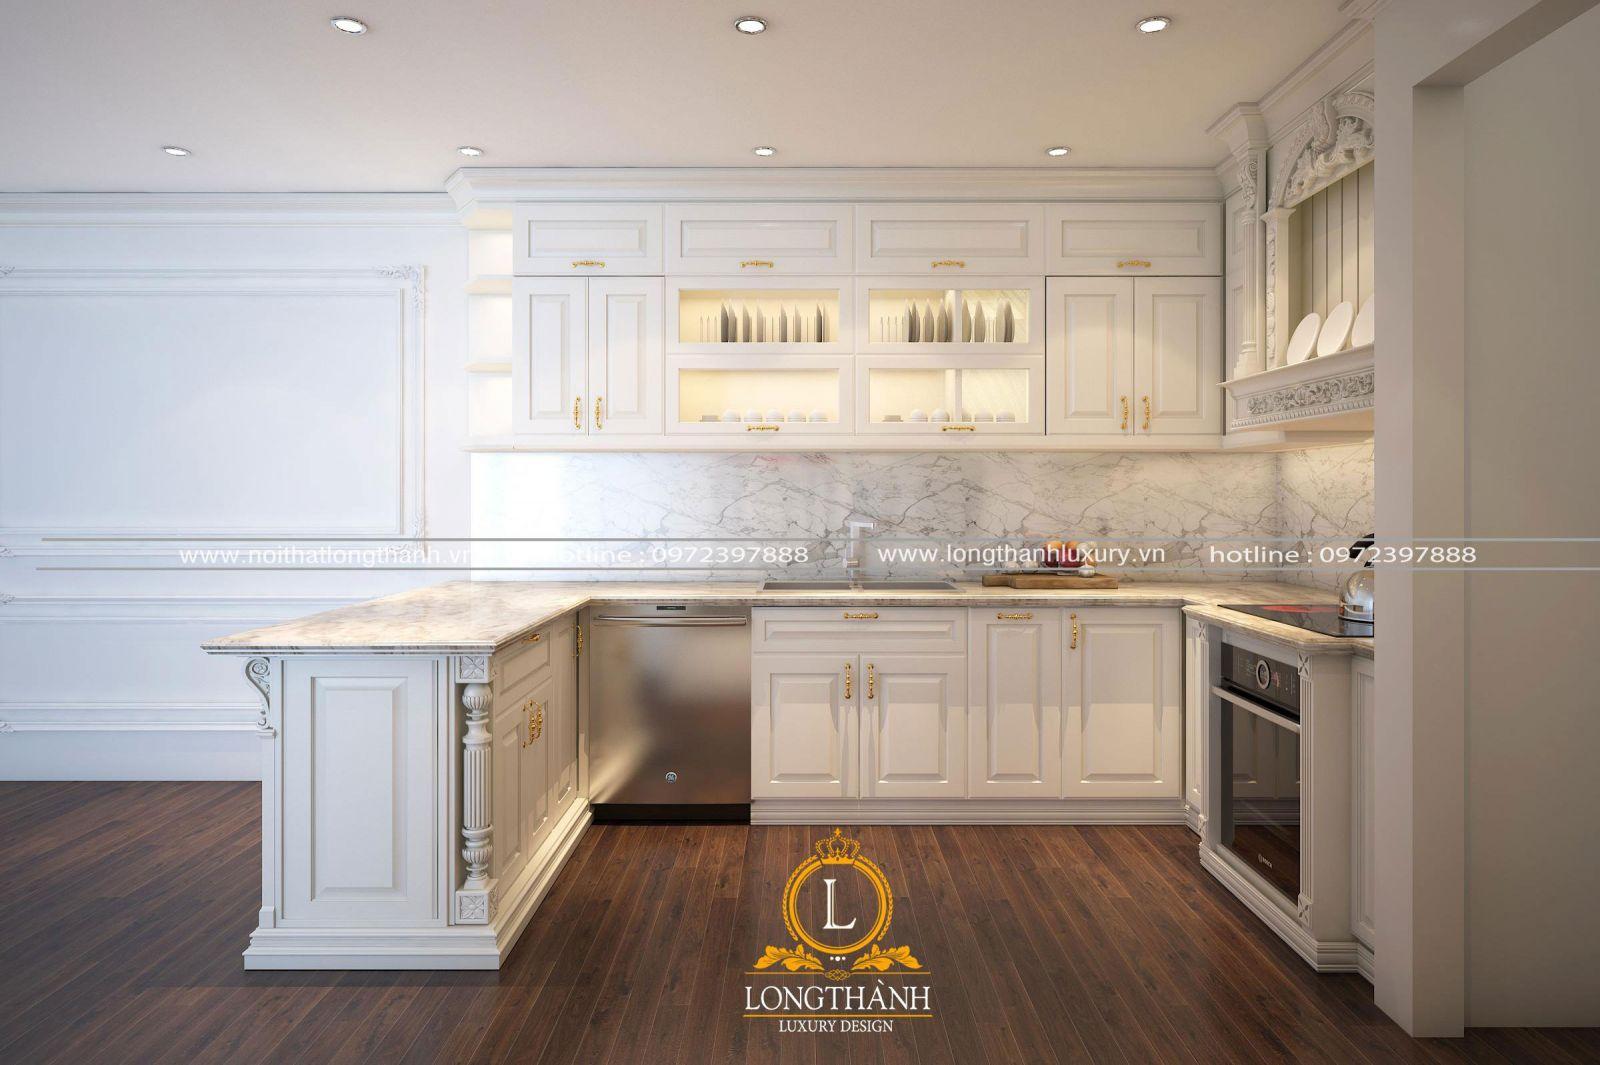 Thiết kế tủ bếp hiện đại sơn trắng cho không gian nhà phố